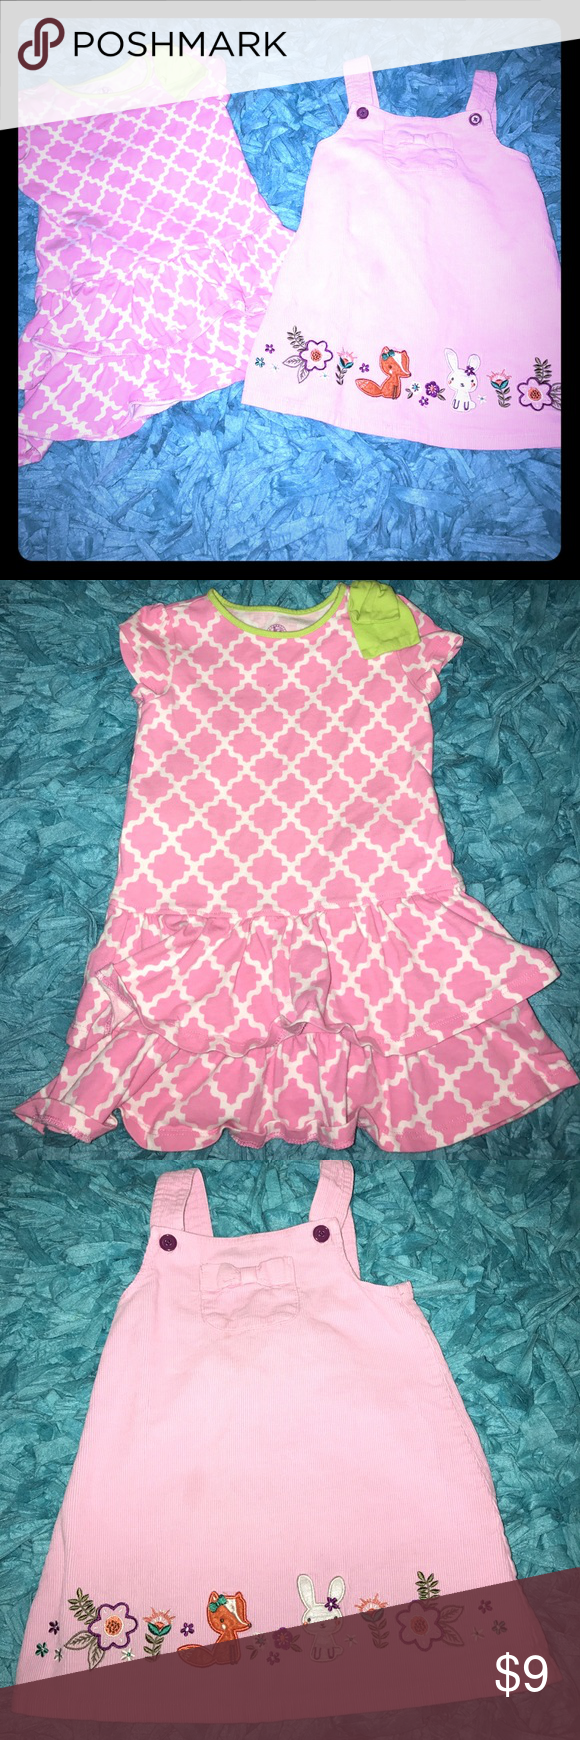 Toddler Girls Pink Dress Bundle 3t 4t Girls Pink Dress Toddler Girl Dresses Pink Girl [ 1740 x 580 Pixel ]